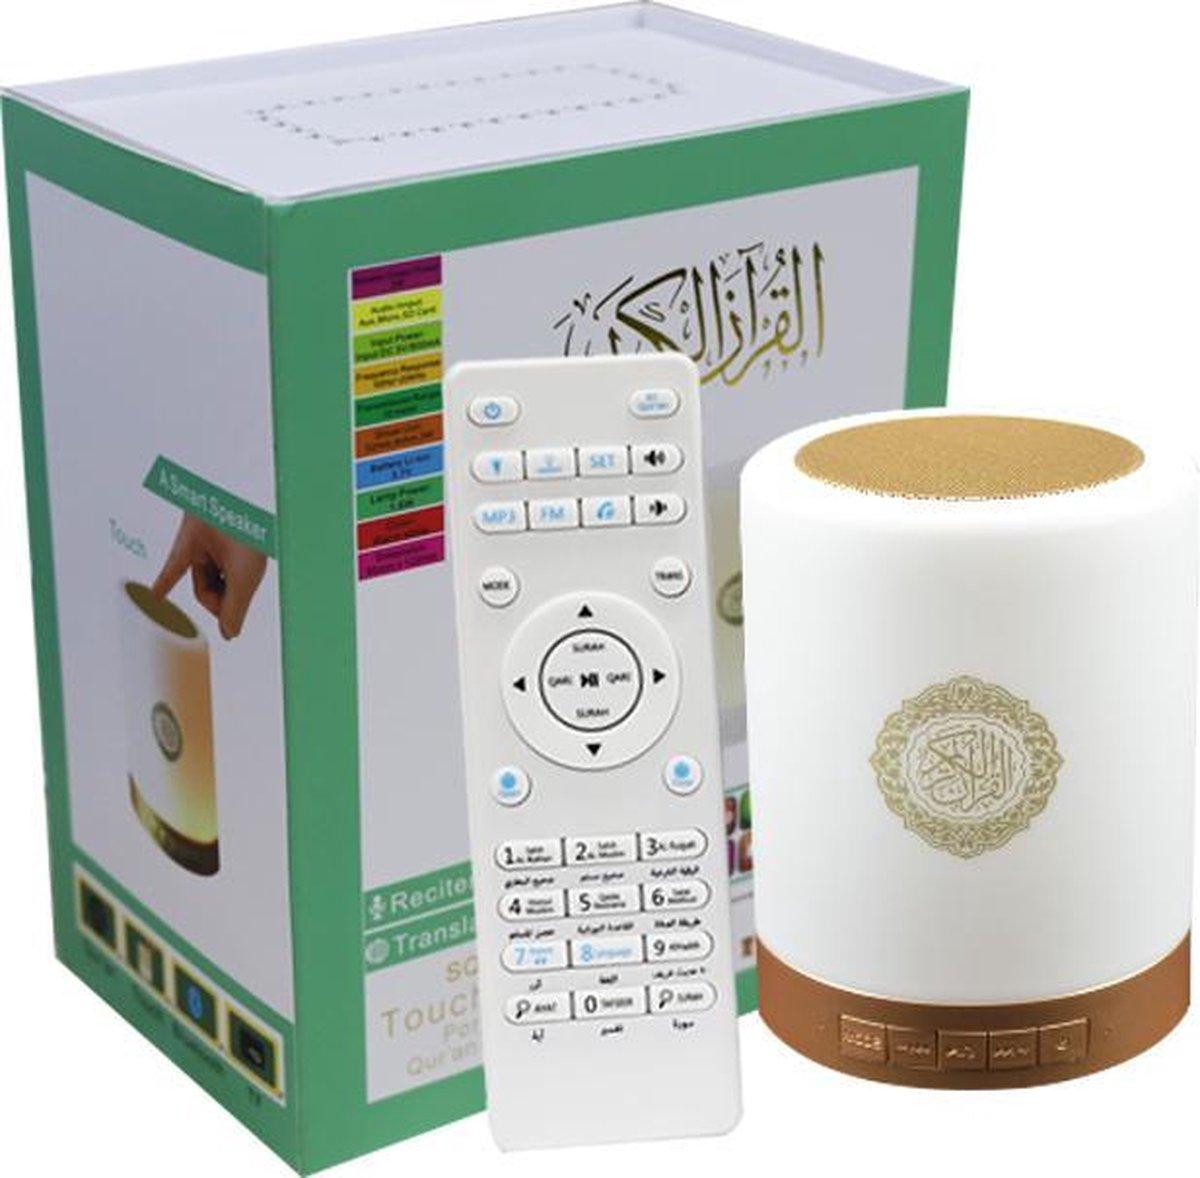 Nurani Koran lamp - Koran speaker - Quran speaker - Audi & Hifi - Draadloze speakers - Smart Speakers - Quran lamp - Led Lamp Touch